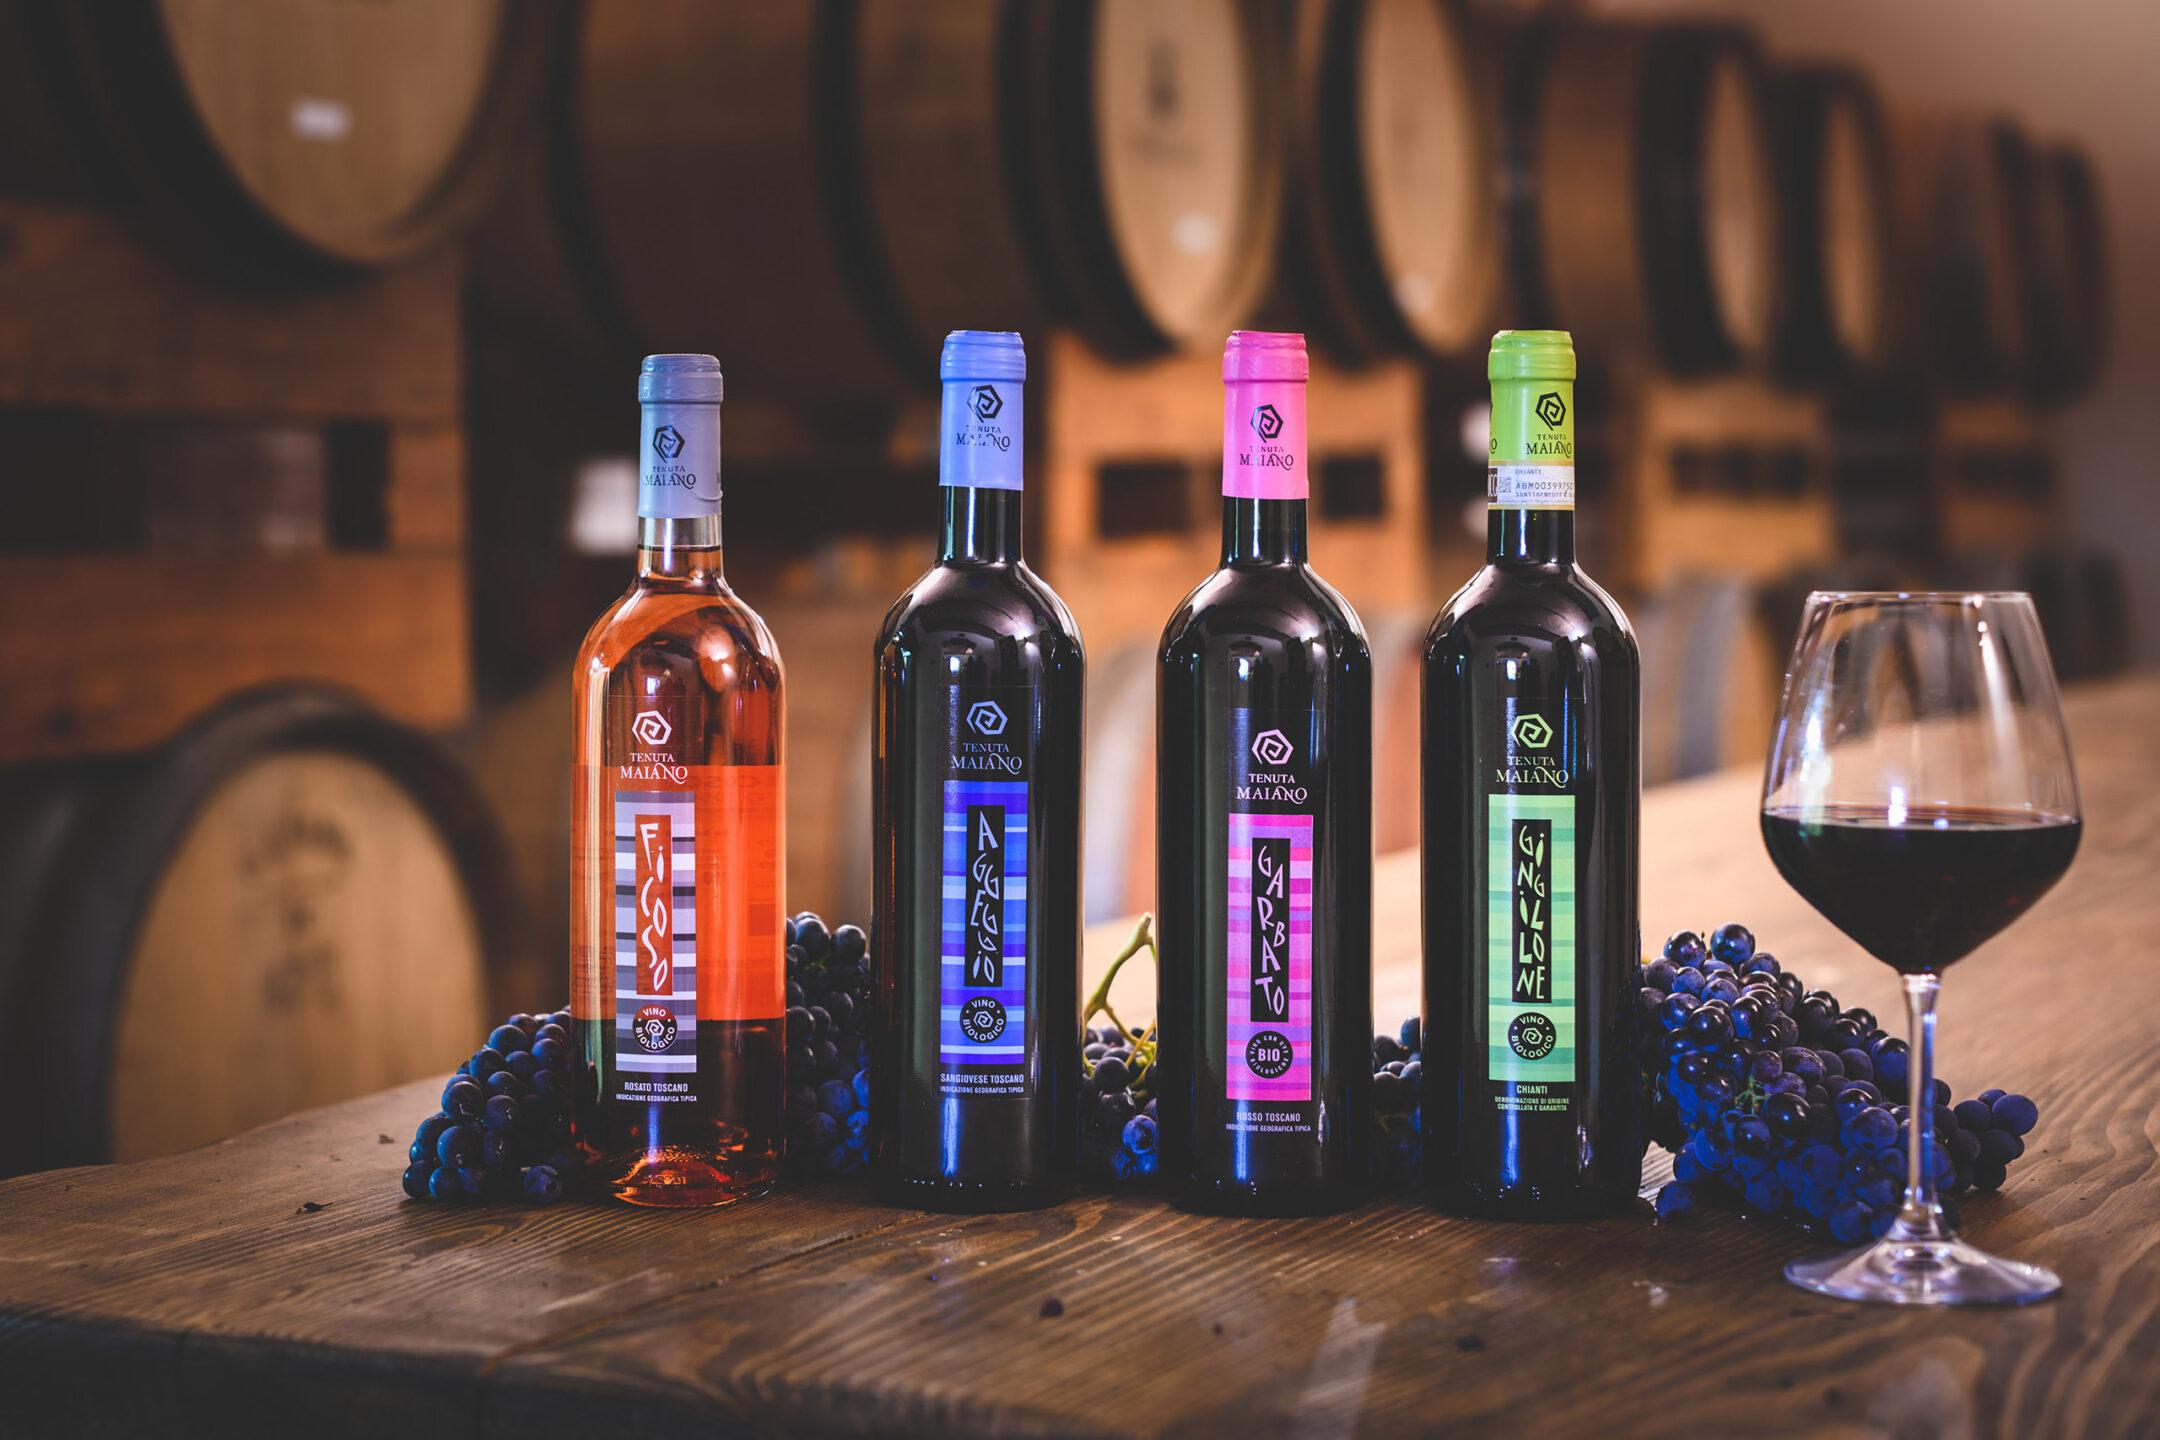 L'olio e i nostri vini biologici portano con sé i ritmi lenti della natura  - L'olio e i nostri vini biologici portano con sé i ritmi lenti della natura